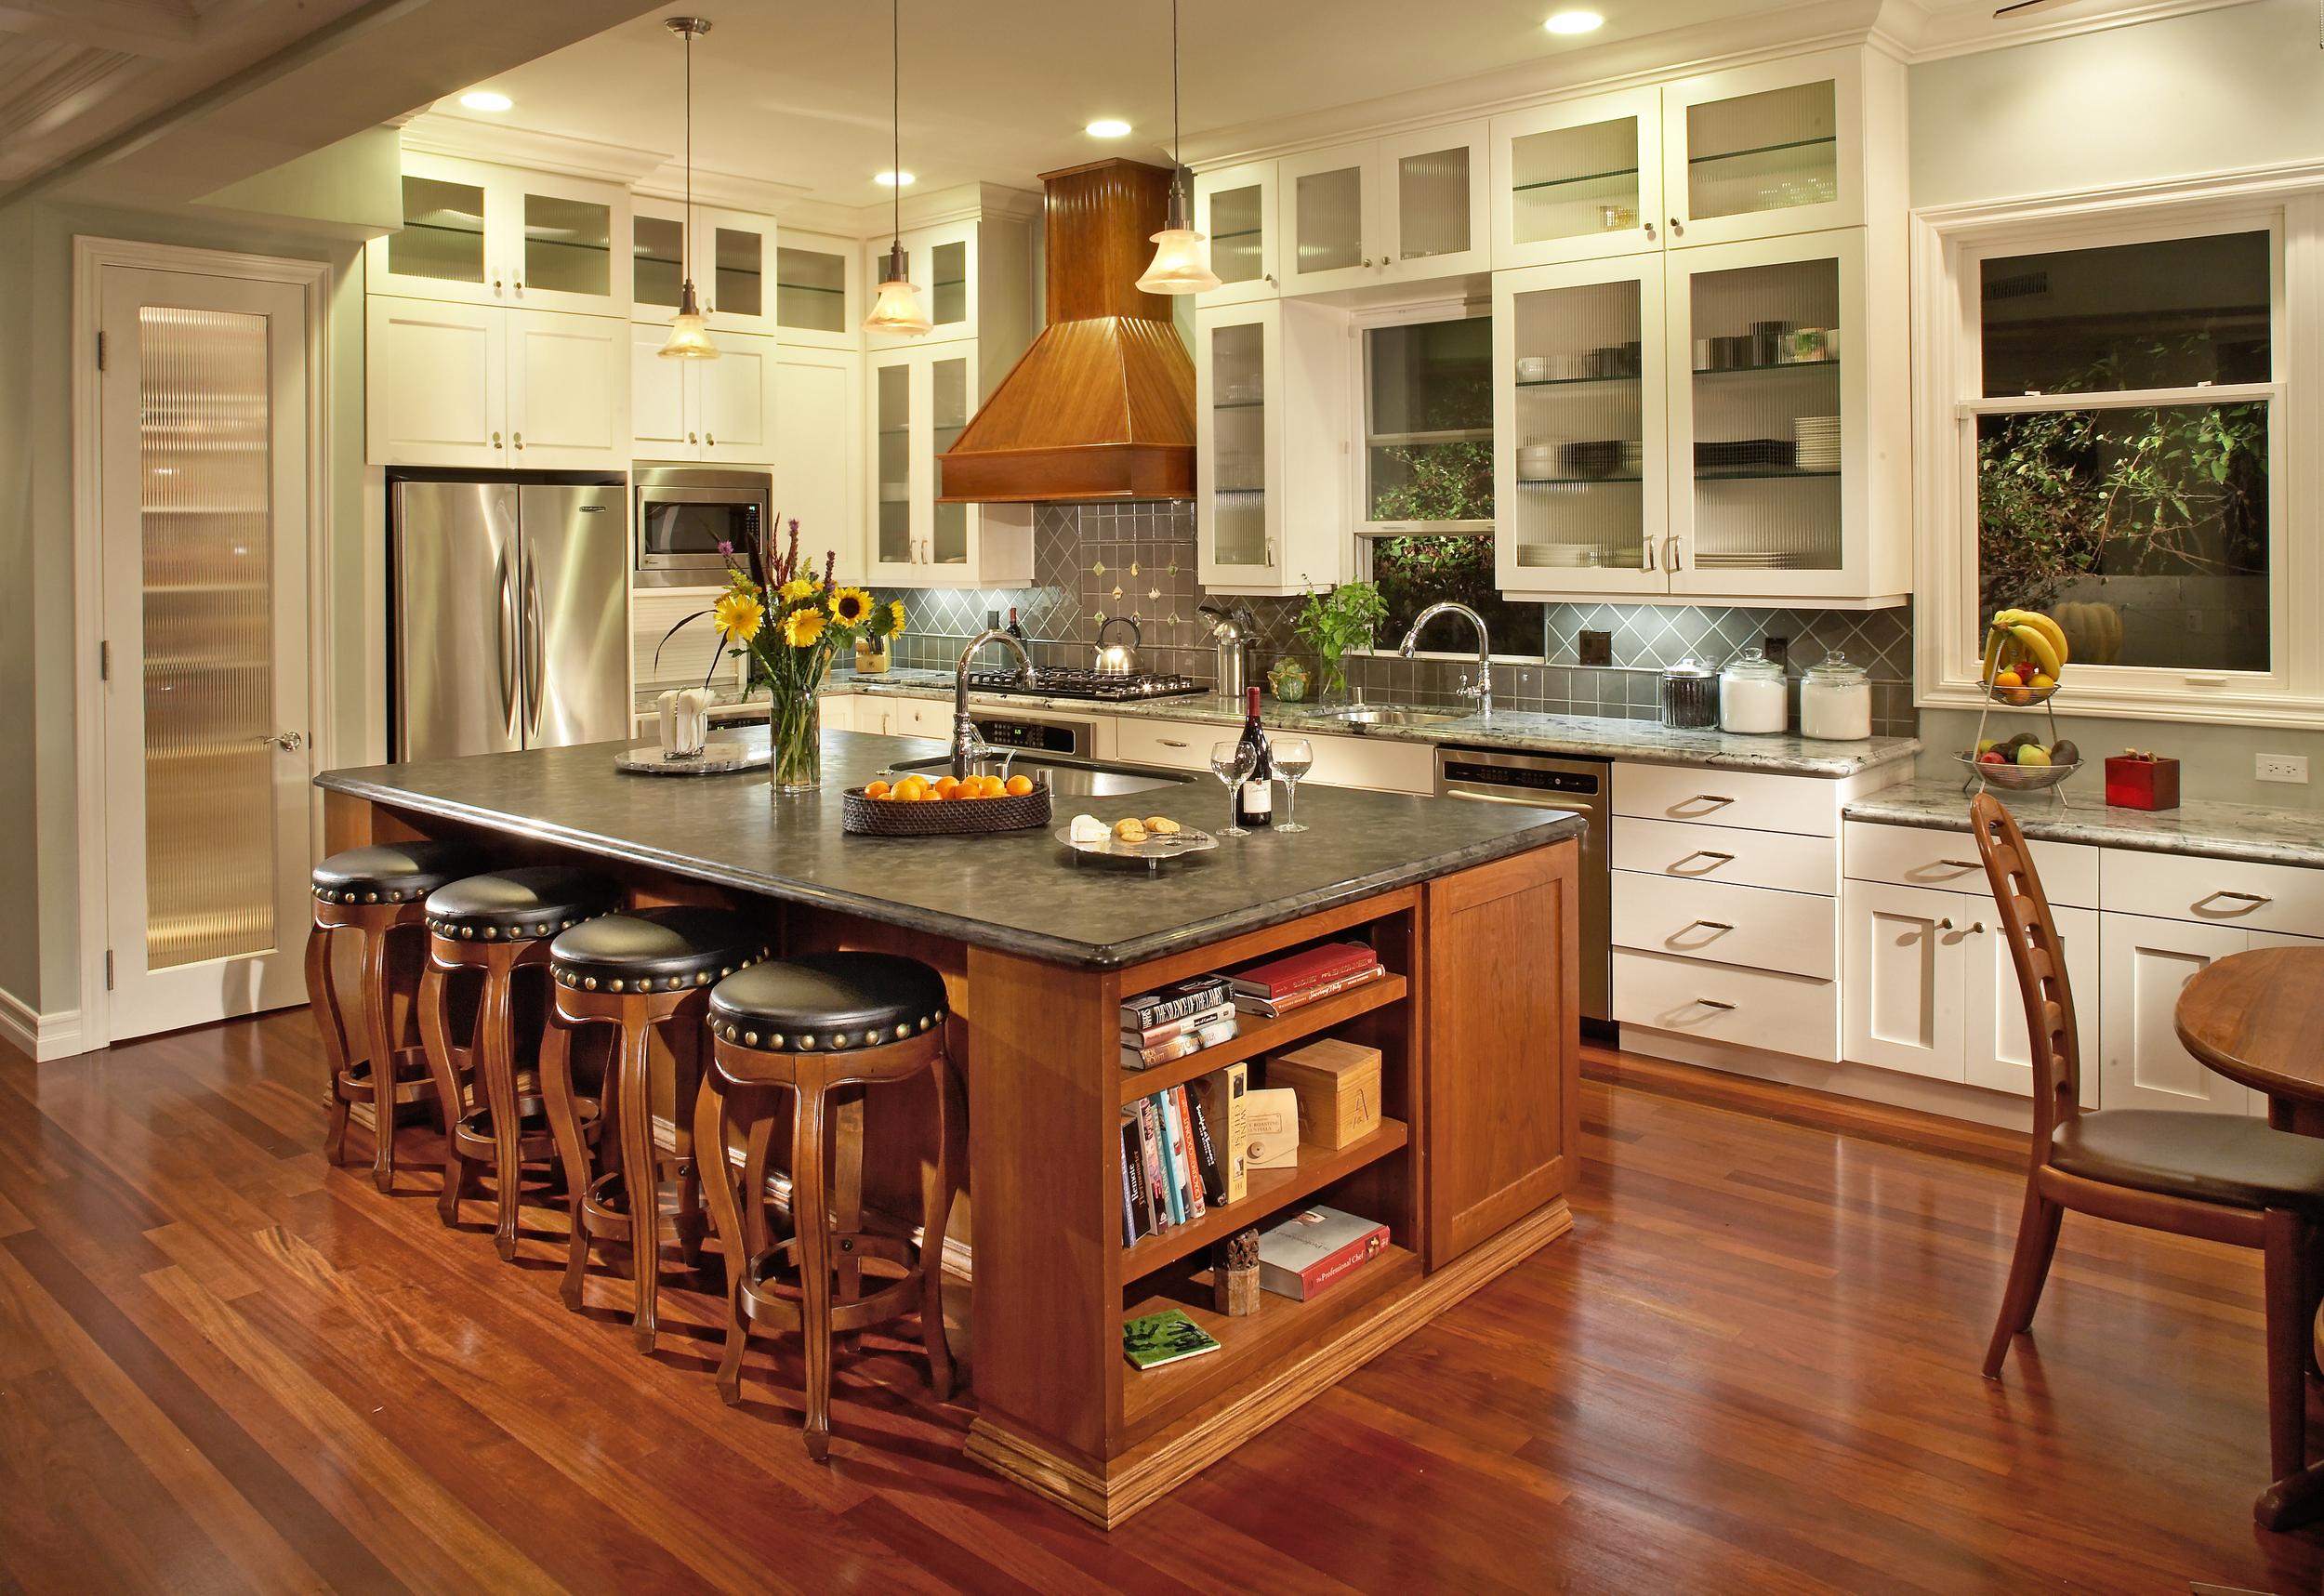 Melden_kitchen.jpg